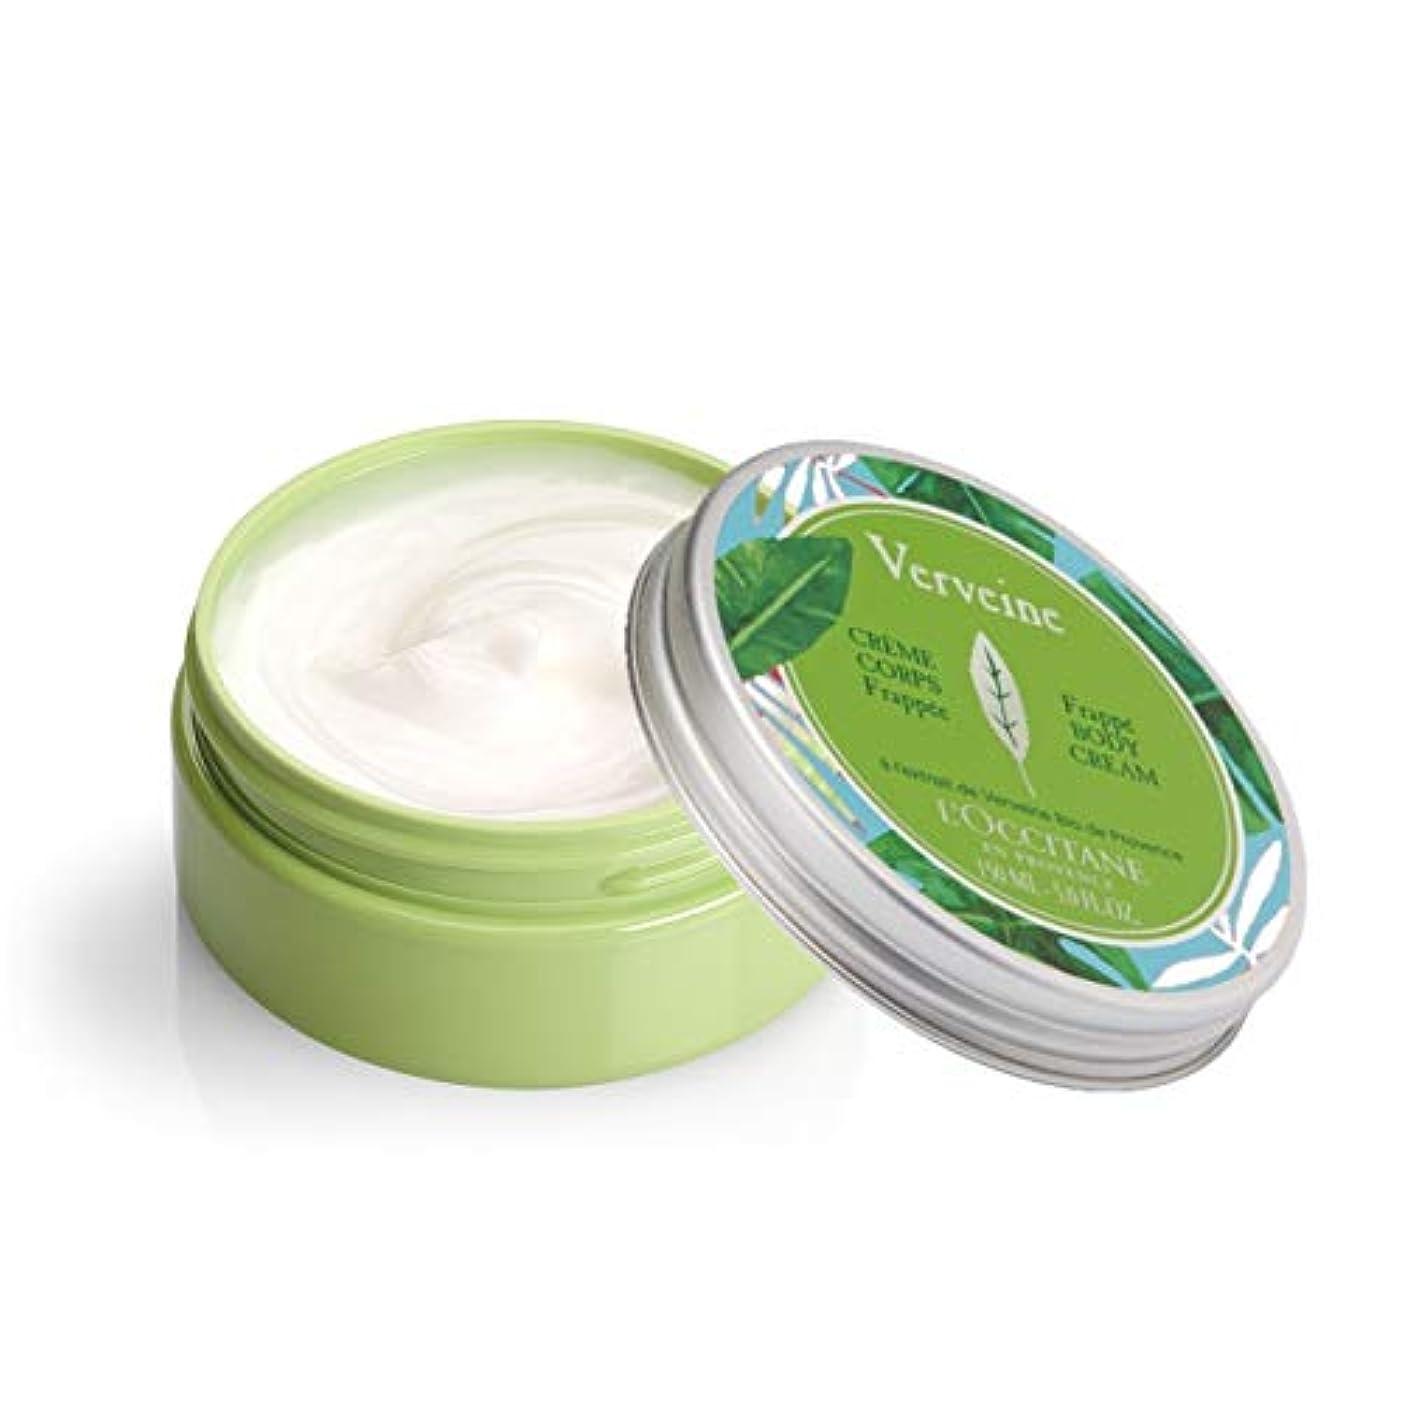 細いトレイポップロクシタン(L'OCCITANE) ヴァーベナ フラッペボディクリーム 150ml (ボディ用乳液)